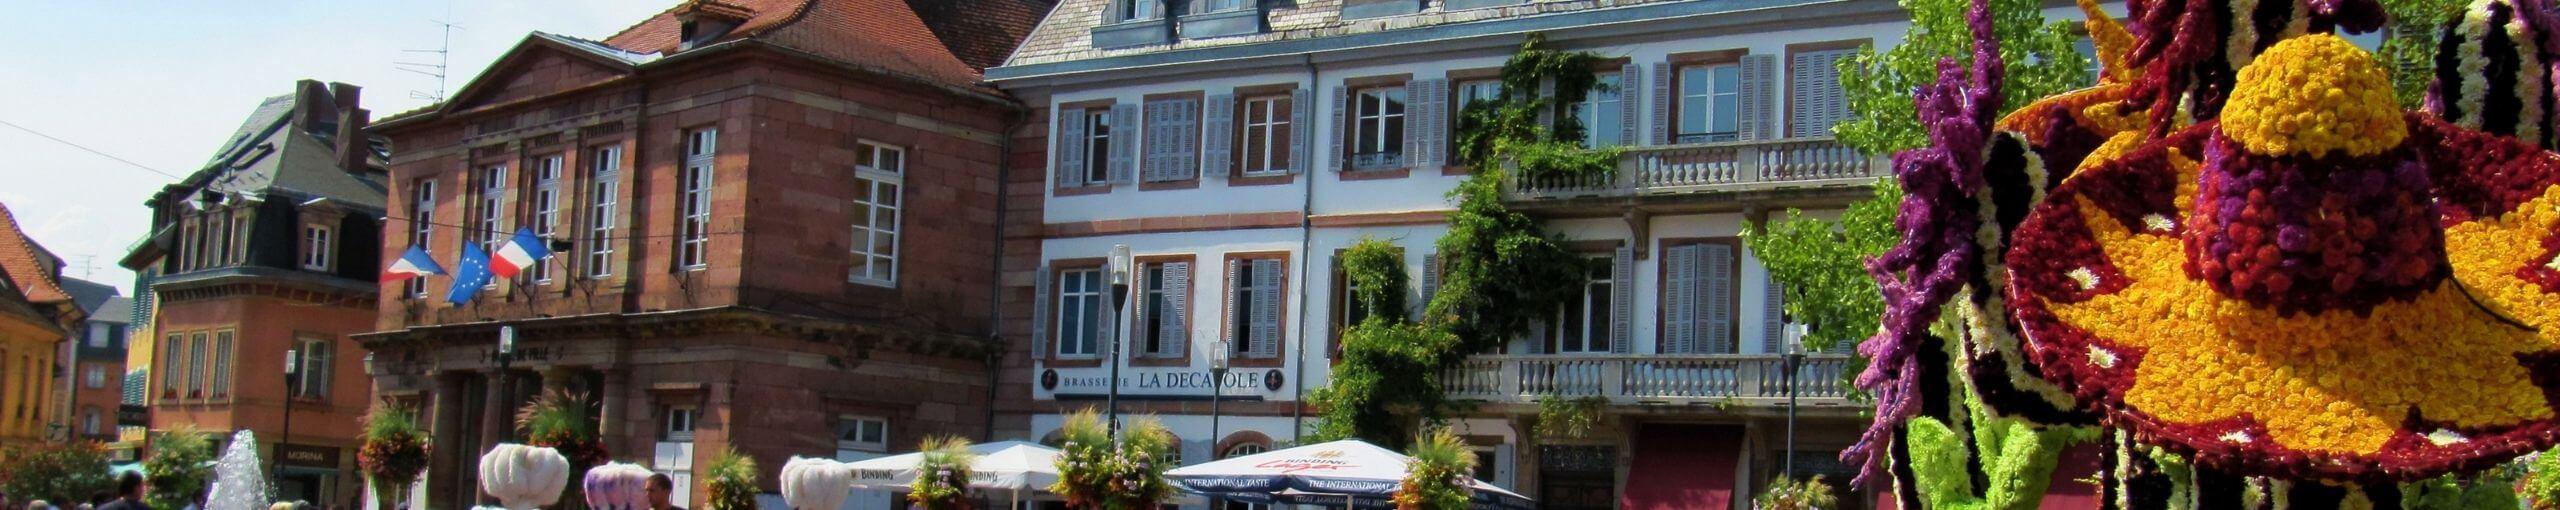 Sélestat Magia de Alsacia. Bajo Rin. Alsacia. Gran Este. Francia.